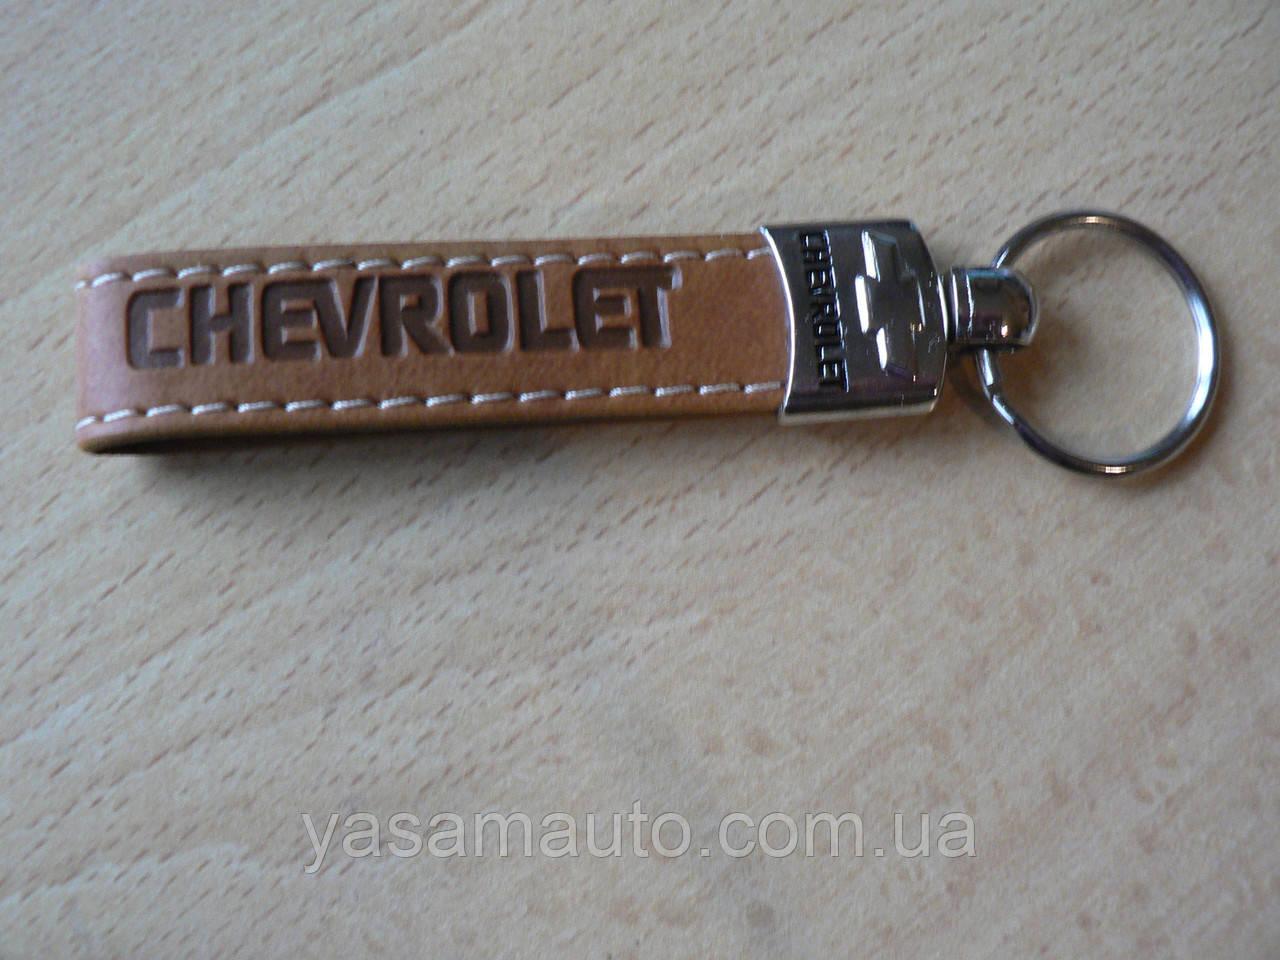 Брелок хлястик Chevrolet 117мм 18г светло коричневый ремешок с кольцом на авто ключи Шевролет  Уценка центр